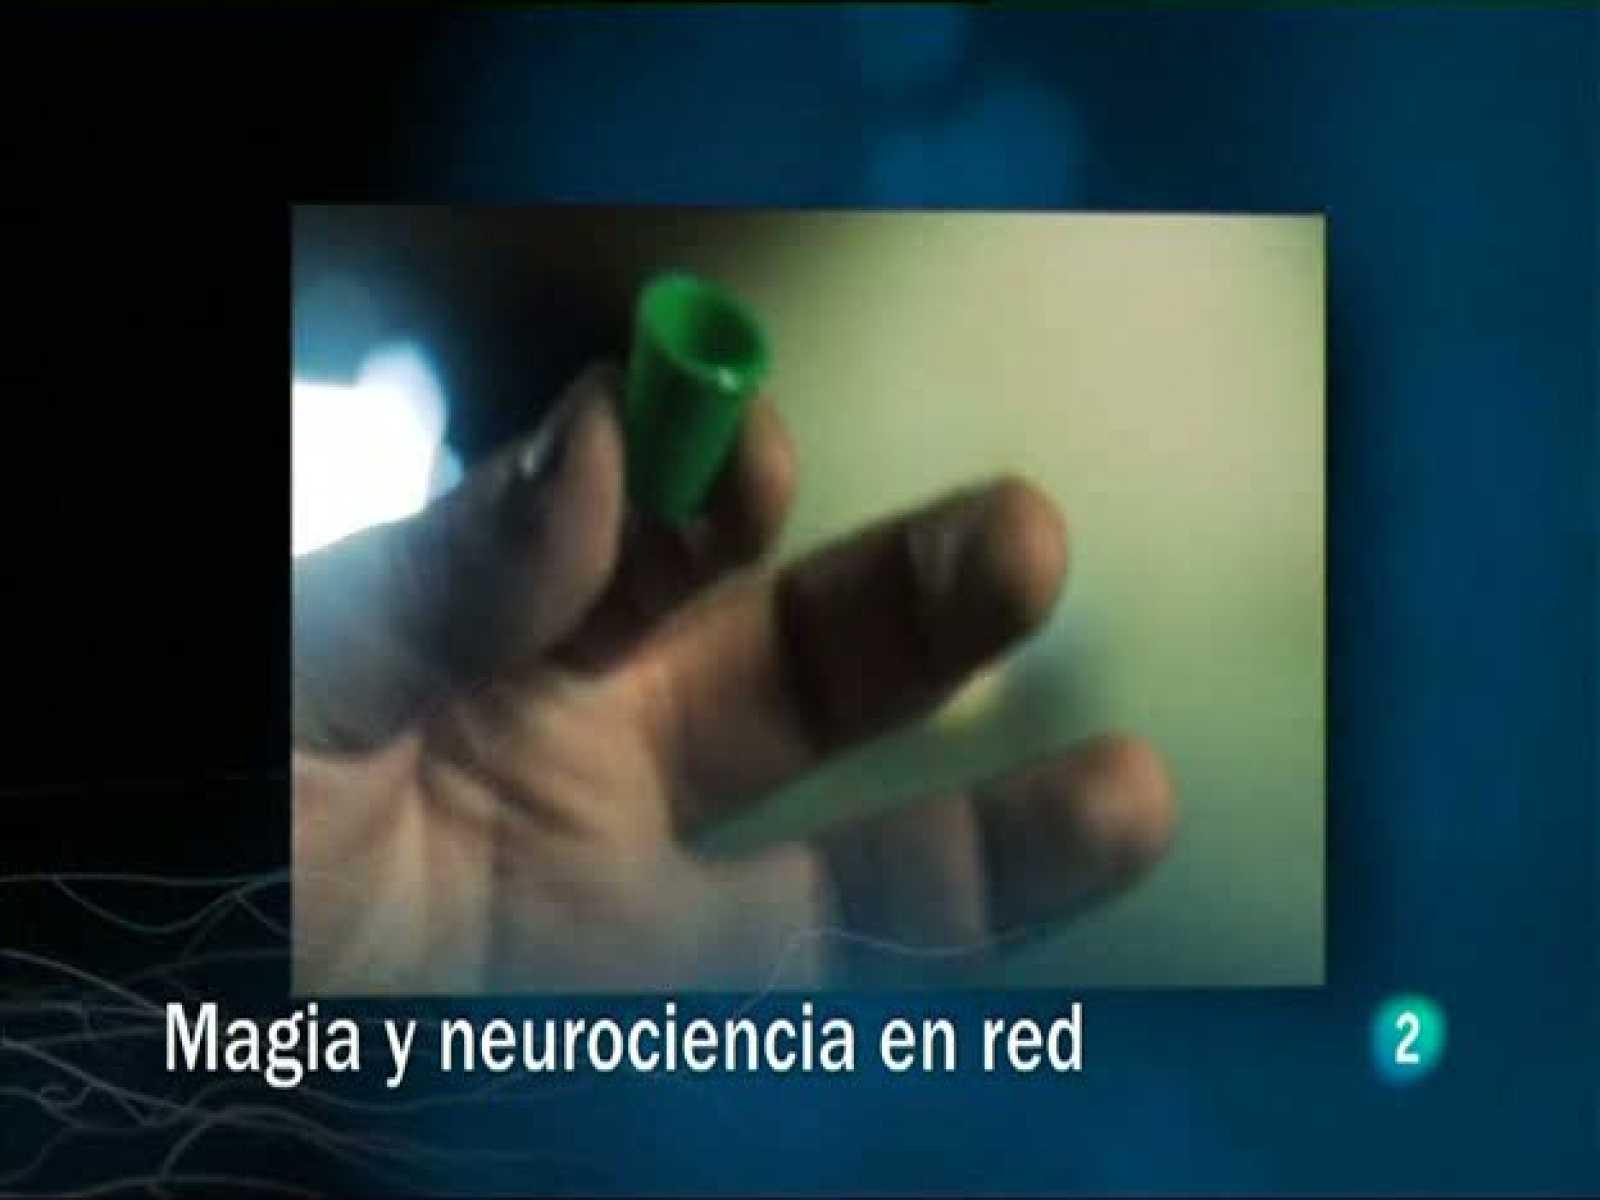 Redes (13/06/10): Magia y neurociencia en red